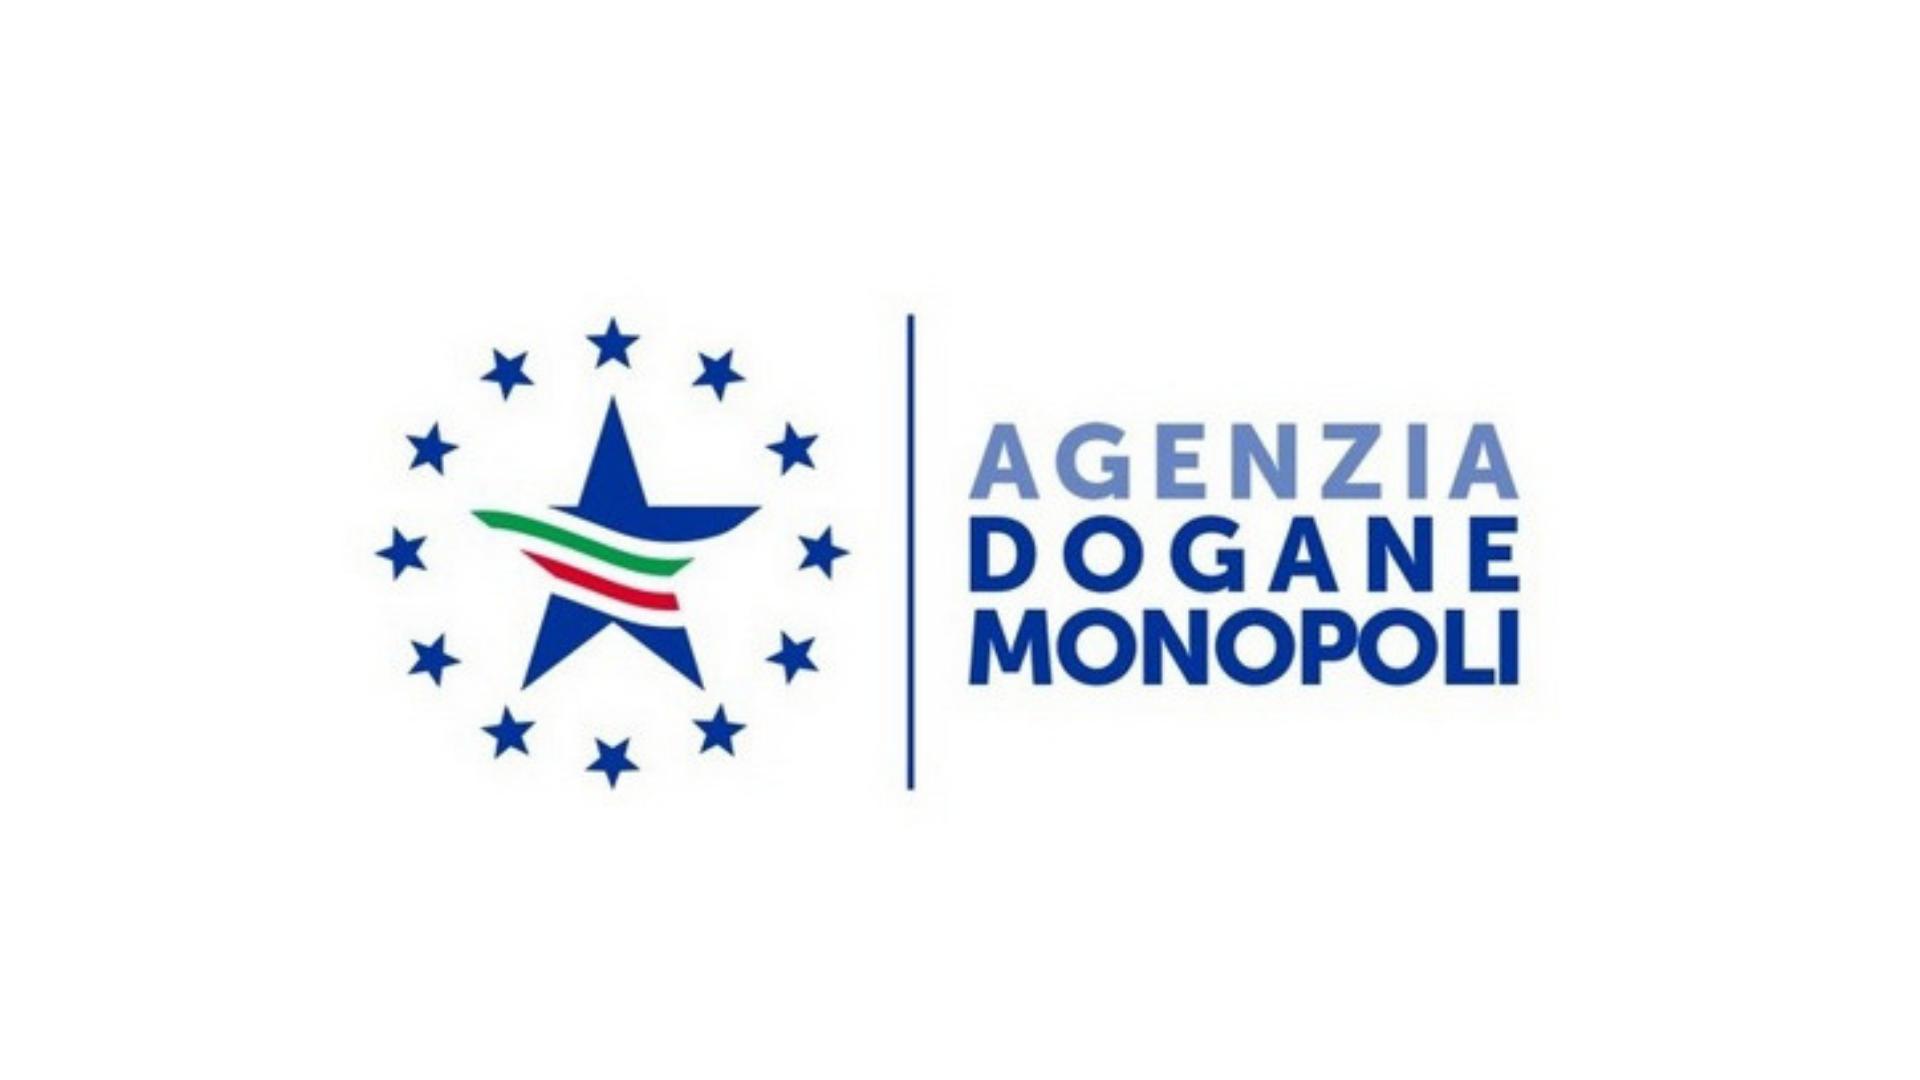 Agenzia Dogane e Monopoli v14